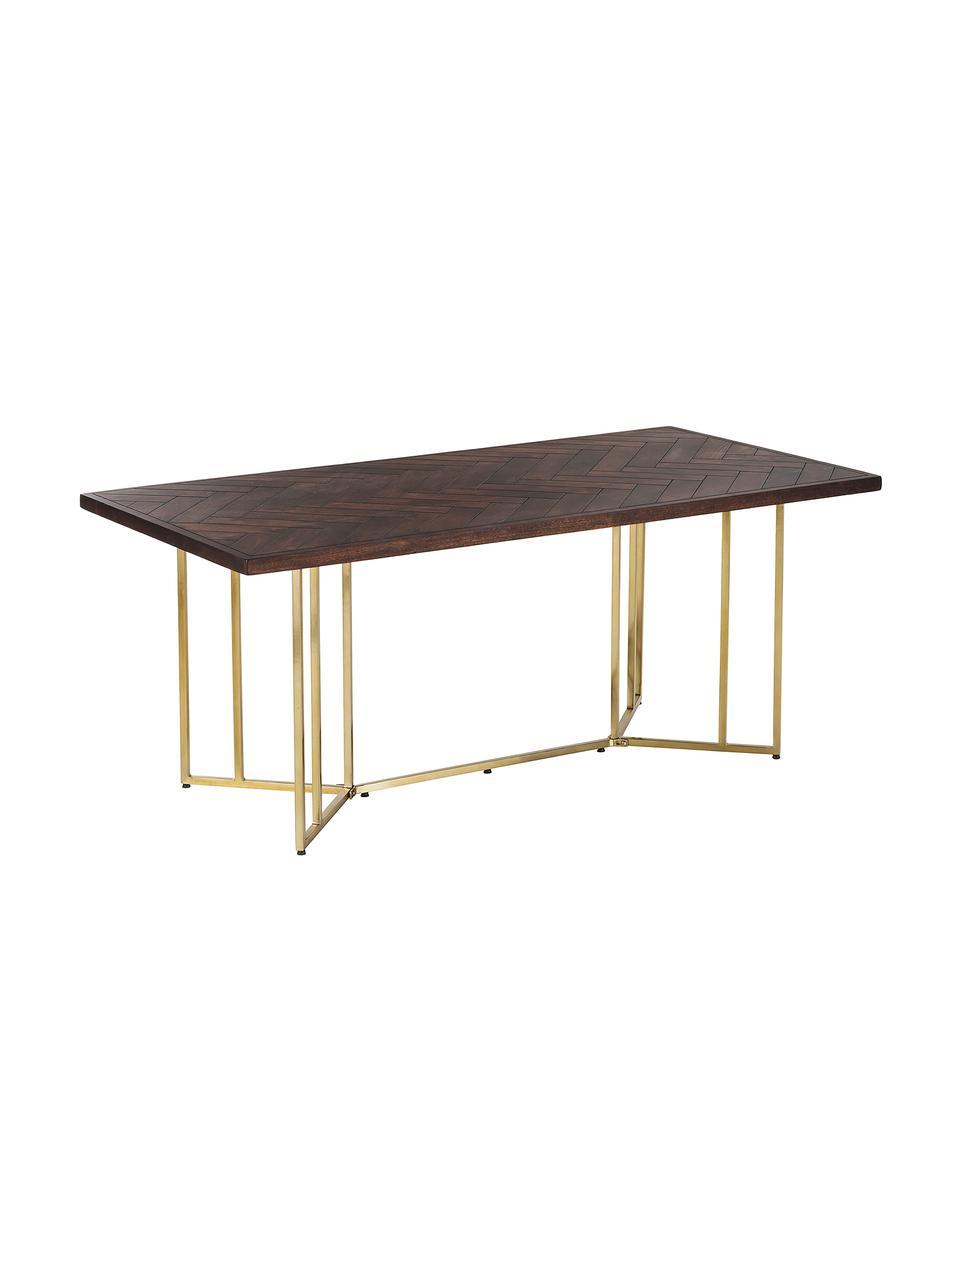 Tavolo con piano in legno massiccio Luca, Struttura: metallo rivestito, Piano: legno di mango scuro verniciato Struttura: dorato, Larg. 180 x Prof. 90 cm